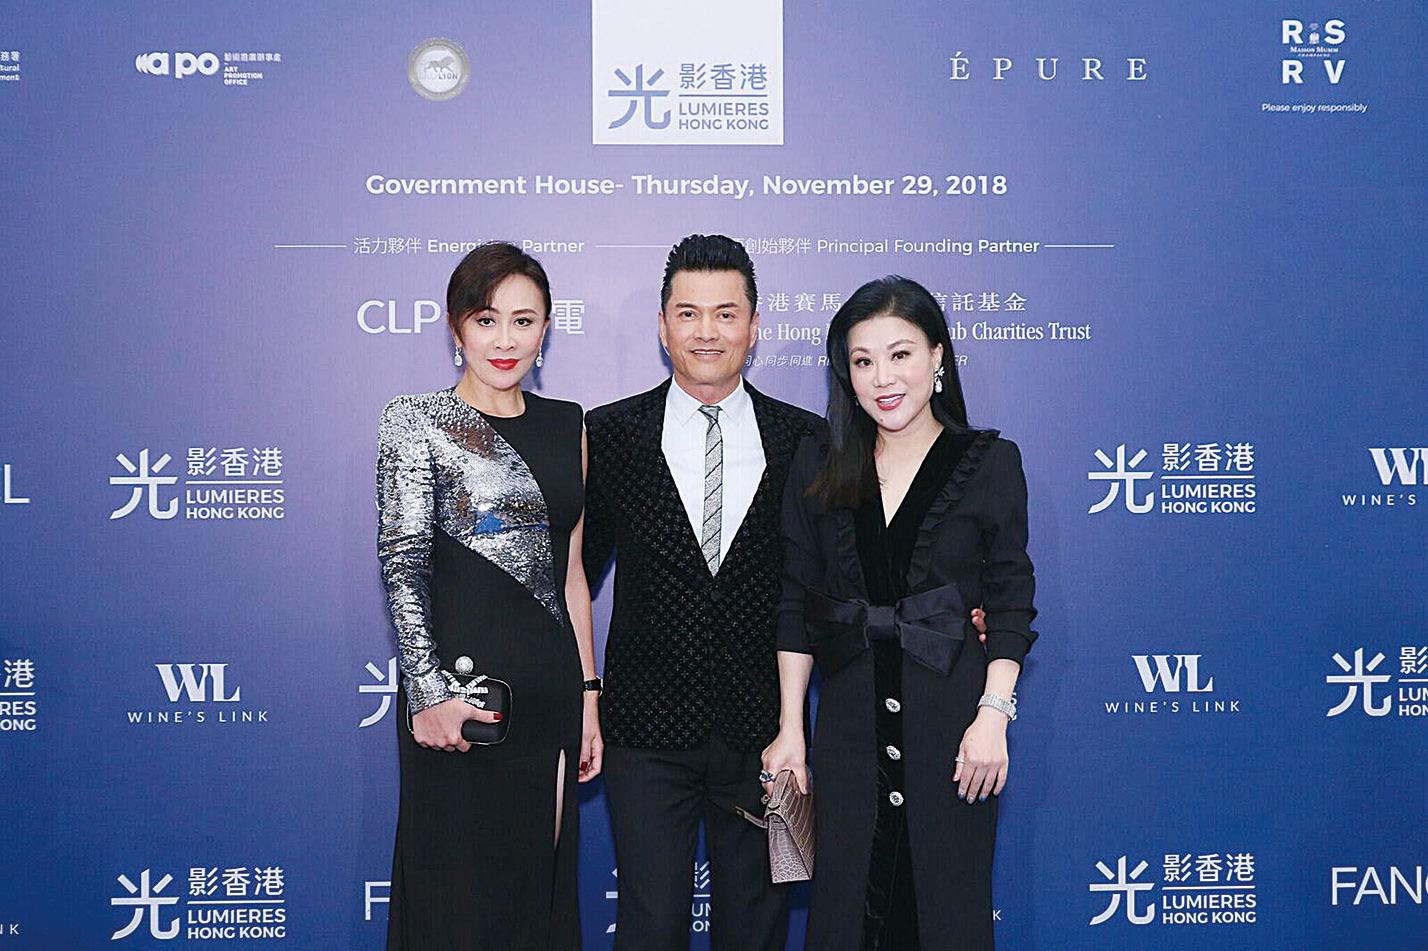 (左起)光影大使劉嘉玲與嘉賓呂良偉及太太楊小娟在活動上合照。(Dynamic Network Alliances公司提供)